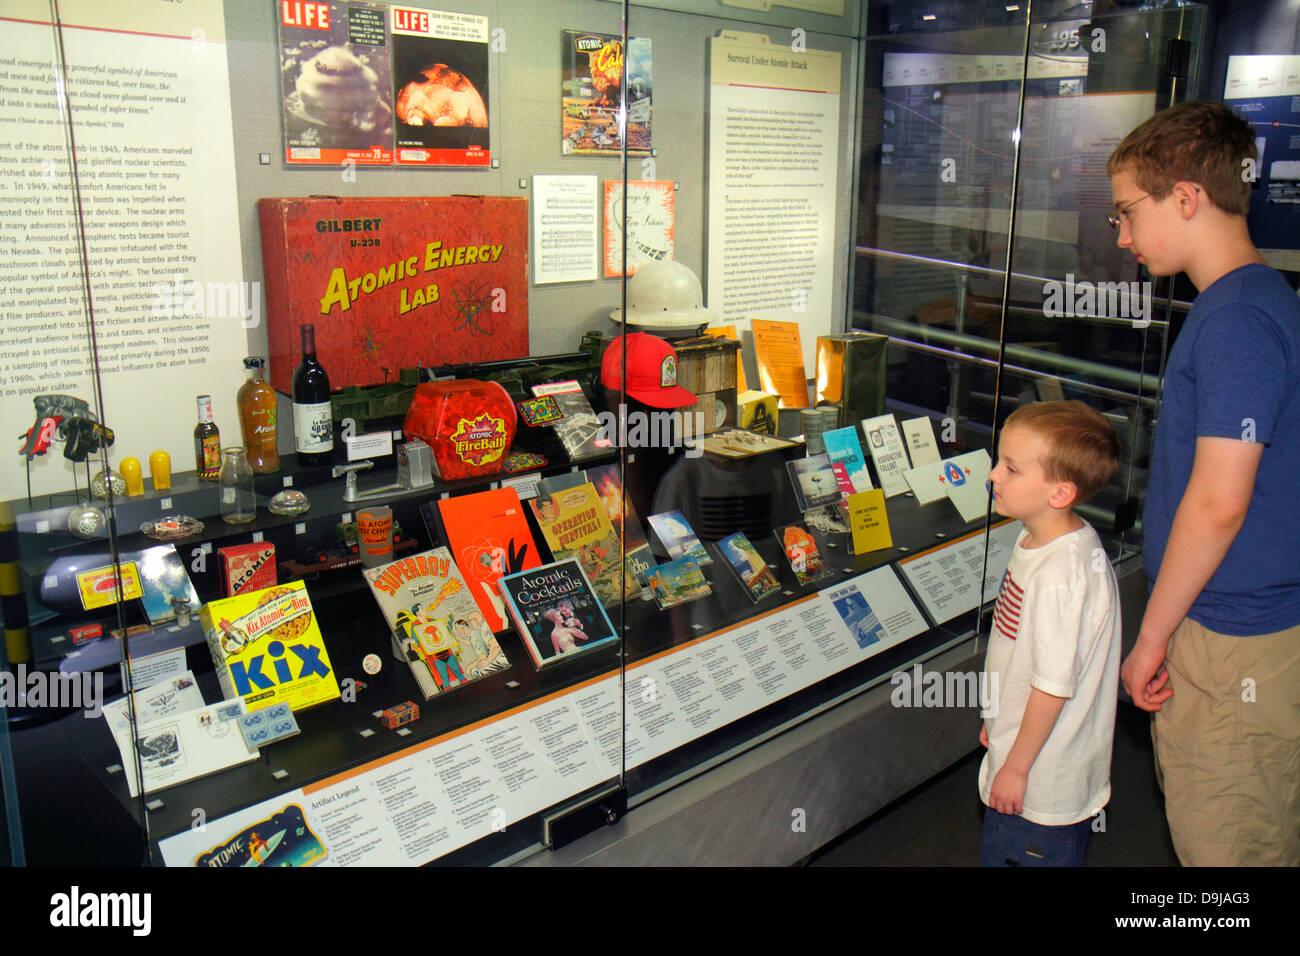 Las Vegas Nevada, Flamingo Road, Museo Nacional de Pruebas Atómicas, desarrollo de armas nucleares, Área 51, reliquias, niños varones niños adolescentes adolescentes adolescentes adolescentes Foto de stock